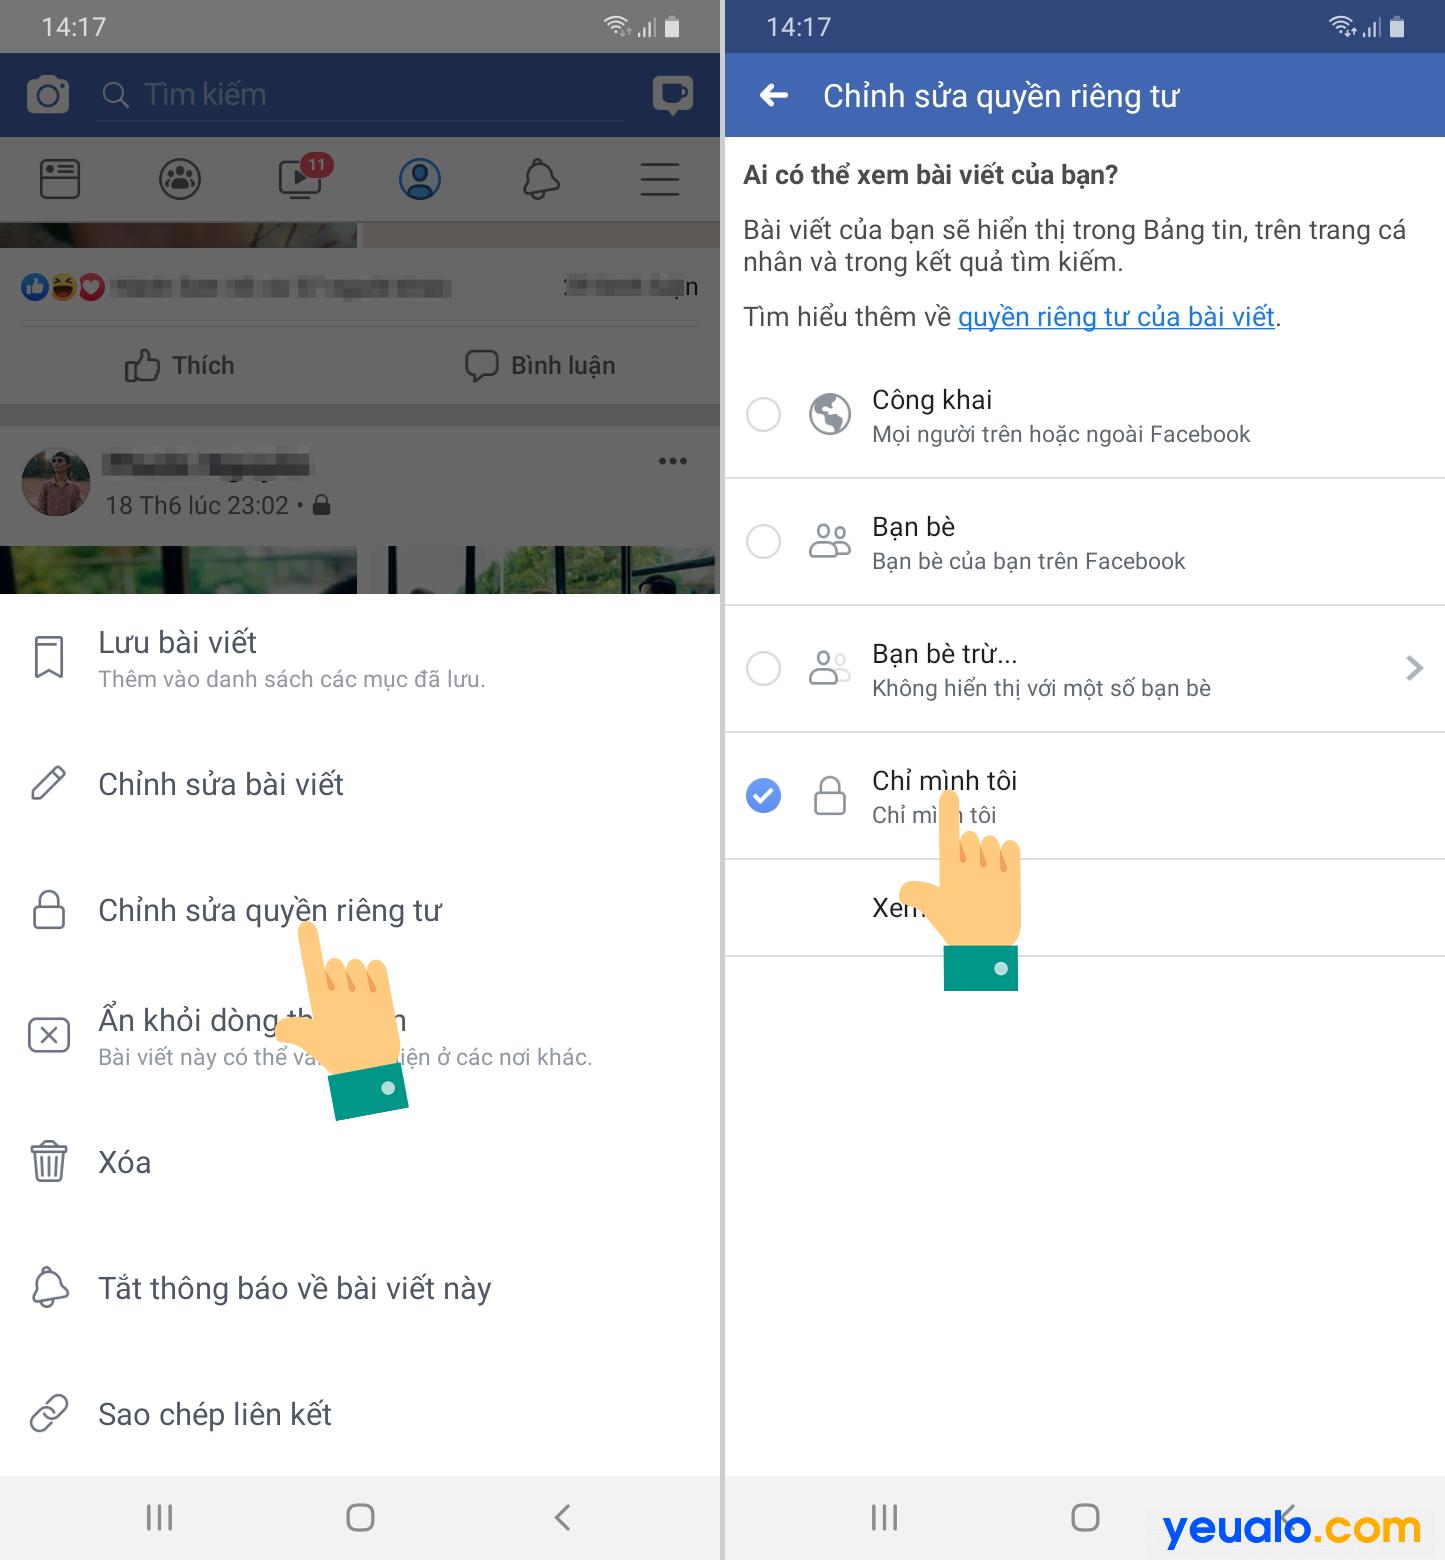 Cách khóa tường Facebook không cho người khác xem trên điện thoại 2